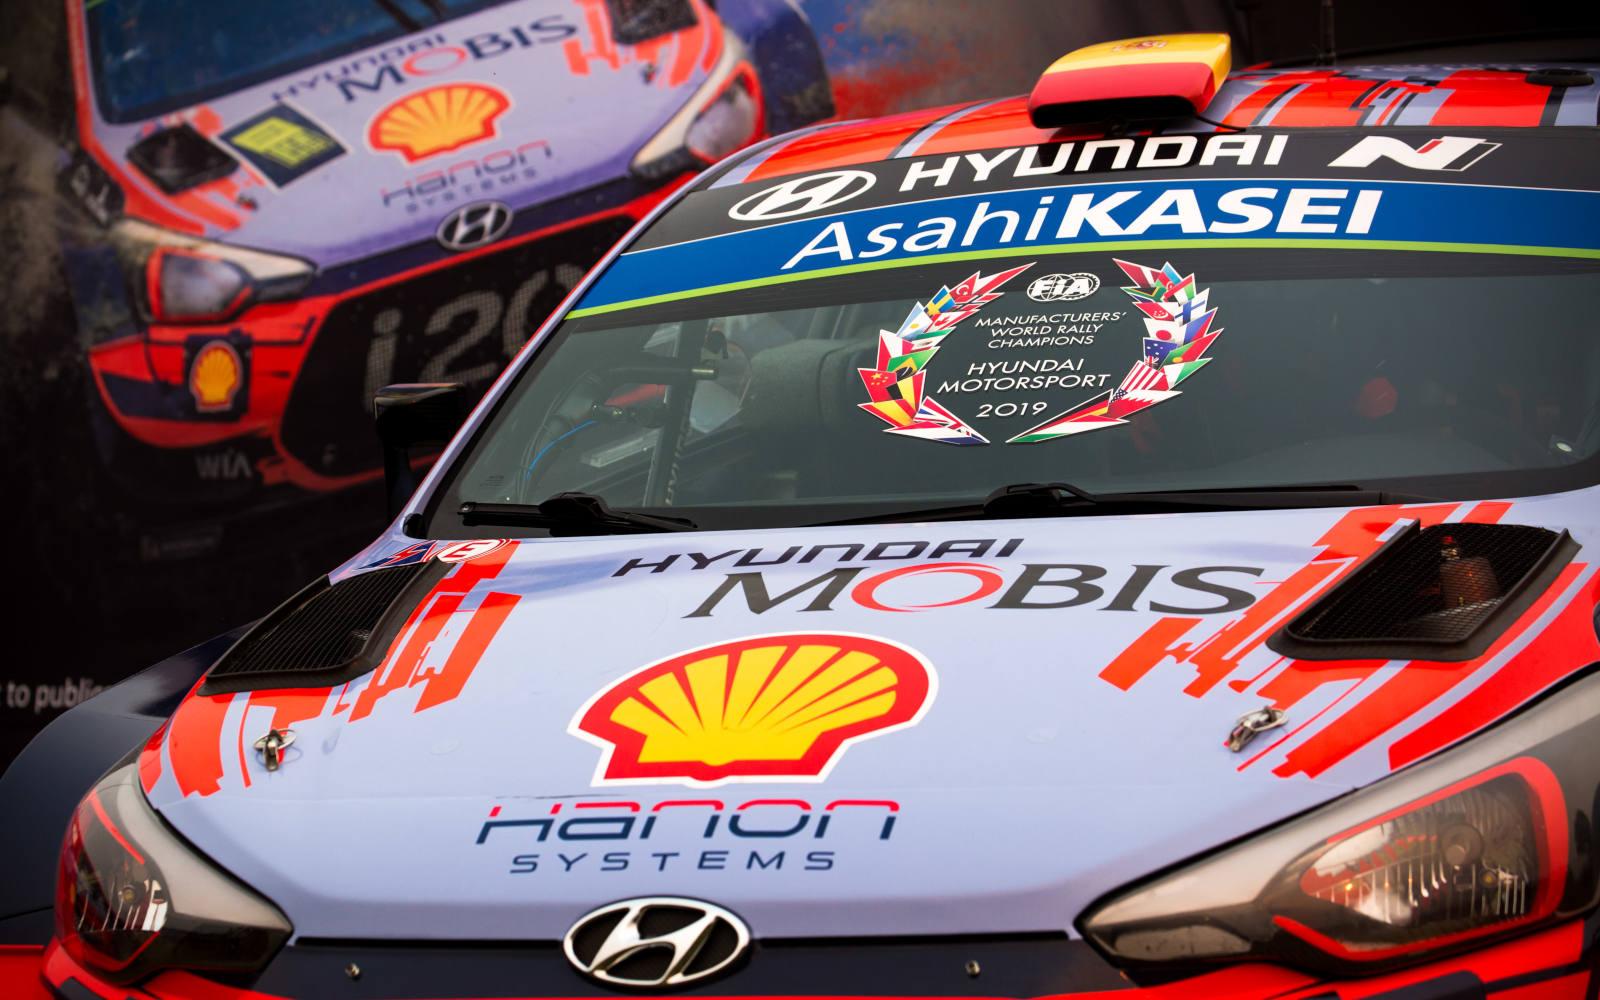 Hyundai Motorsport z mistrzowskim tytułem